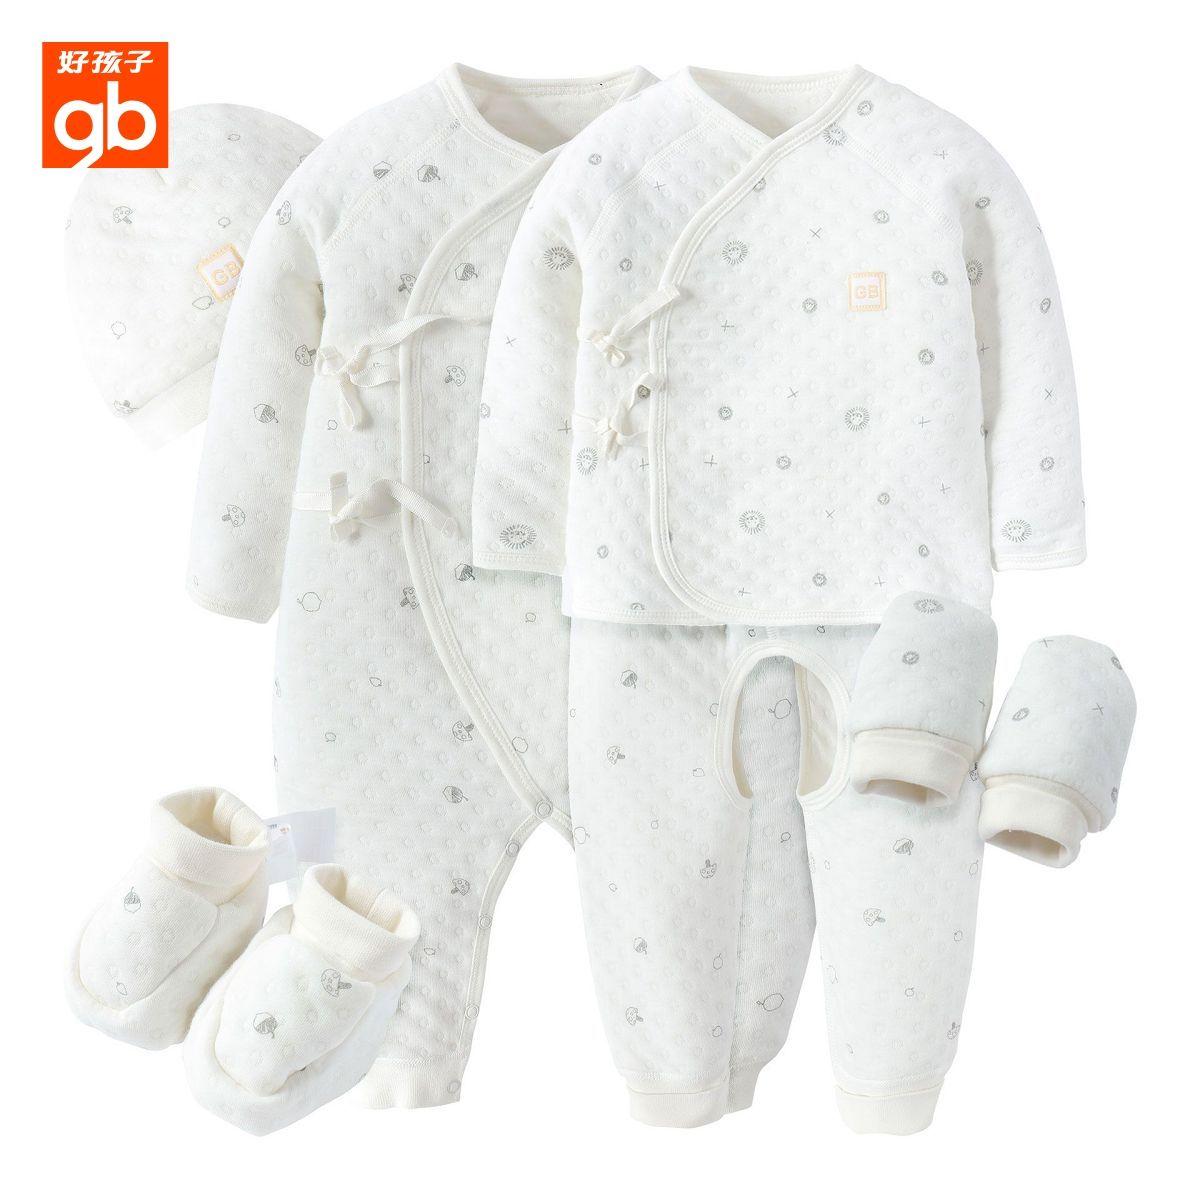 подарочный набор для новорожденных Goodbaby Goodbaby / boy